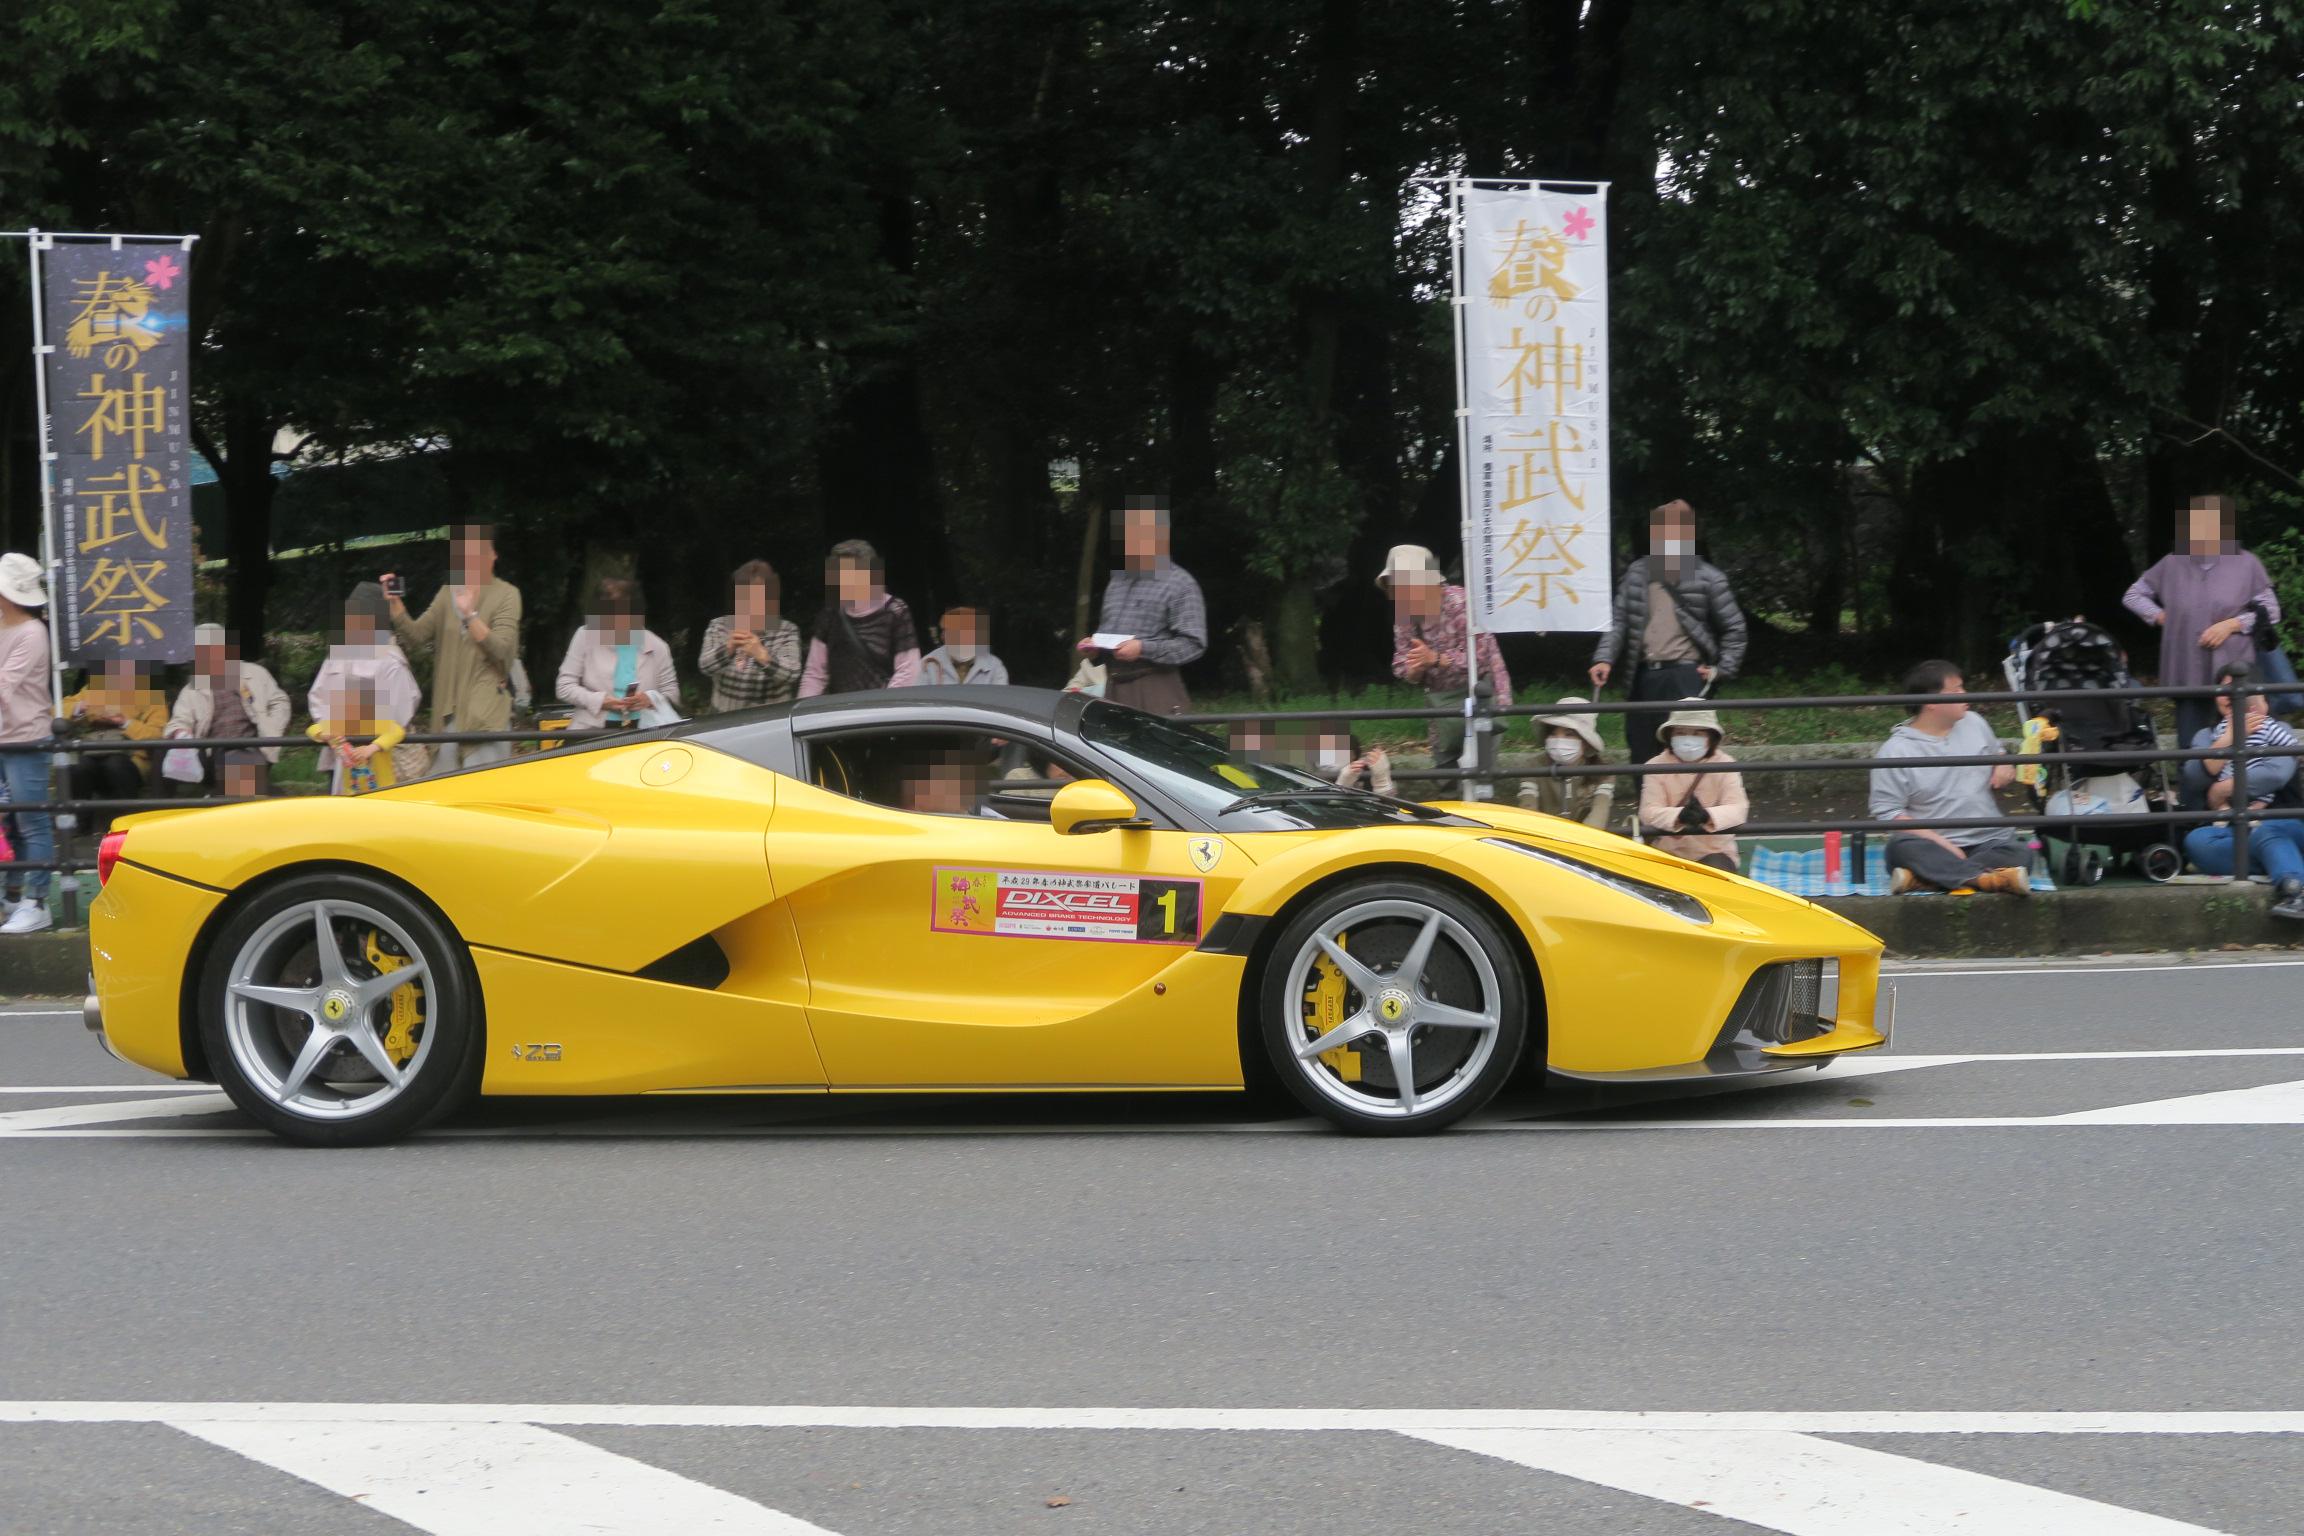 次はフェラーリ。4億円もする超希少車「ラ・フェラーリ・アペルタ」も登場!!すごっ。